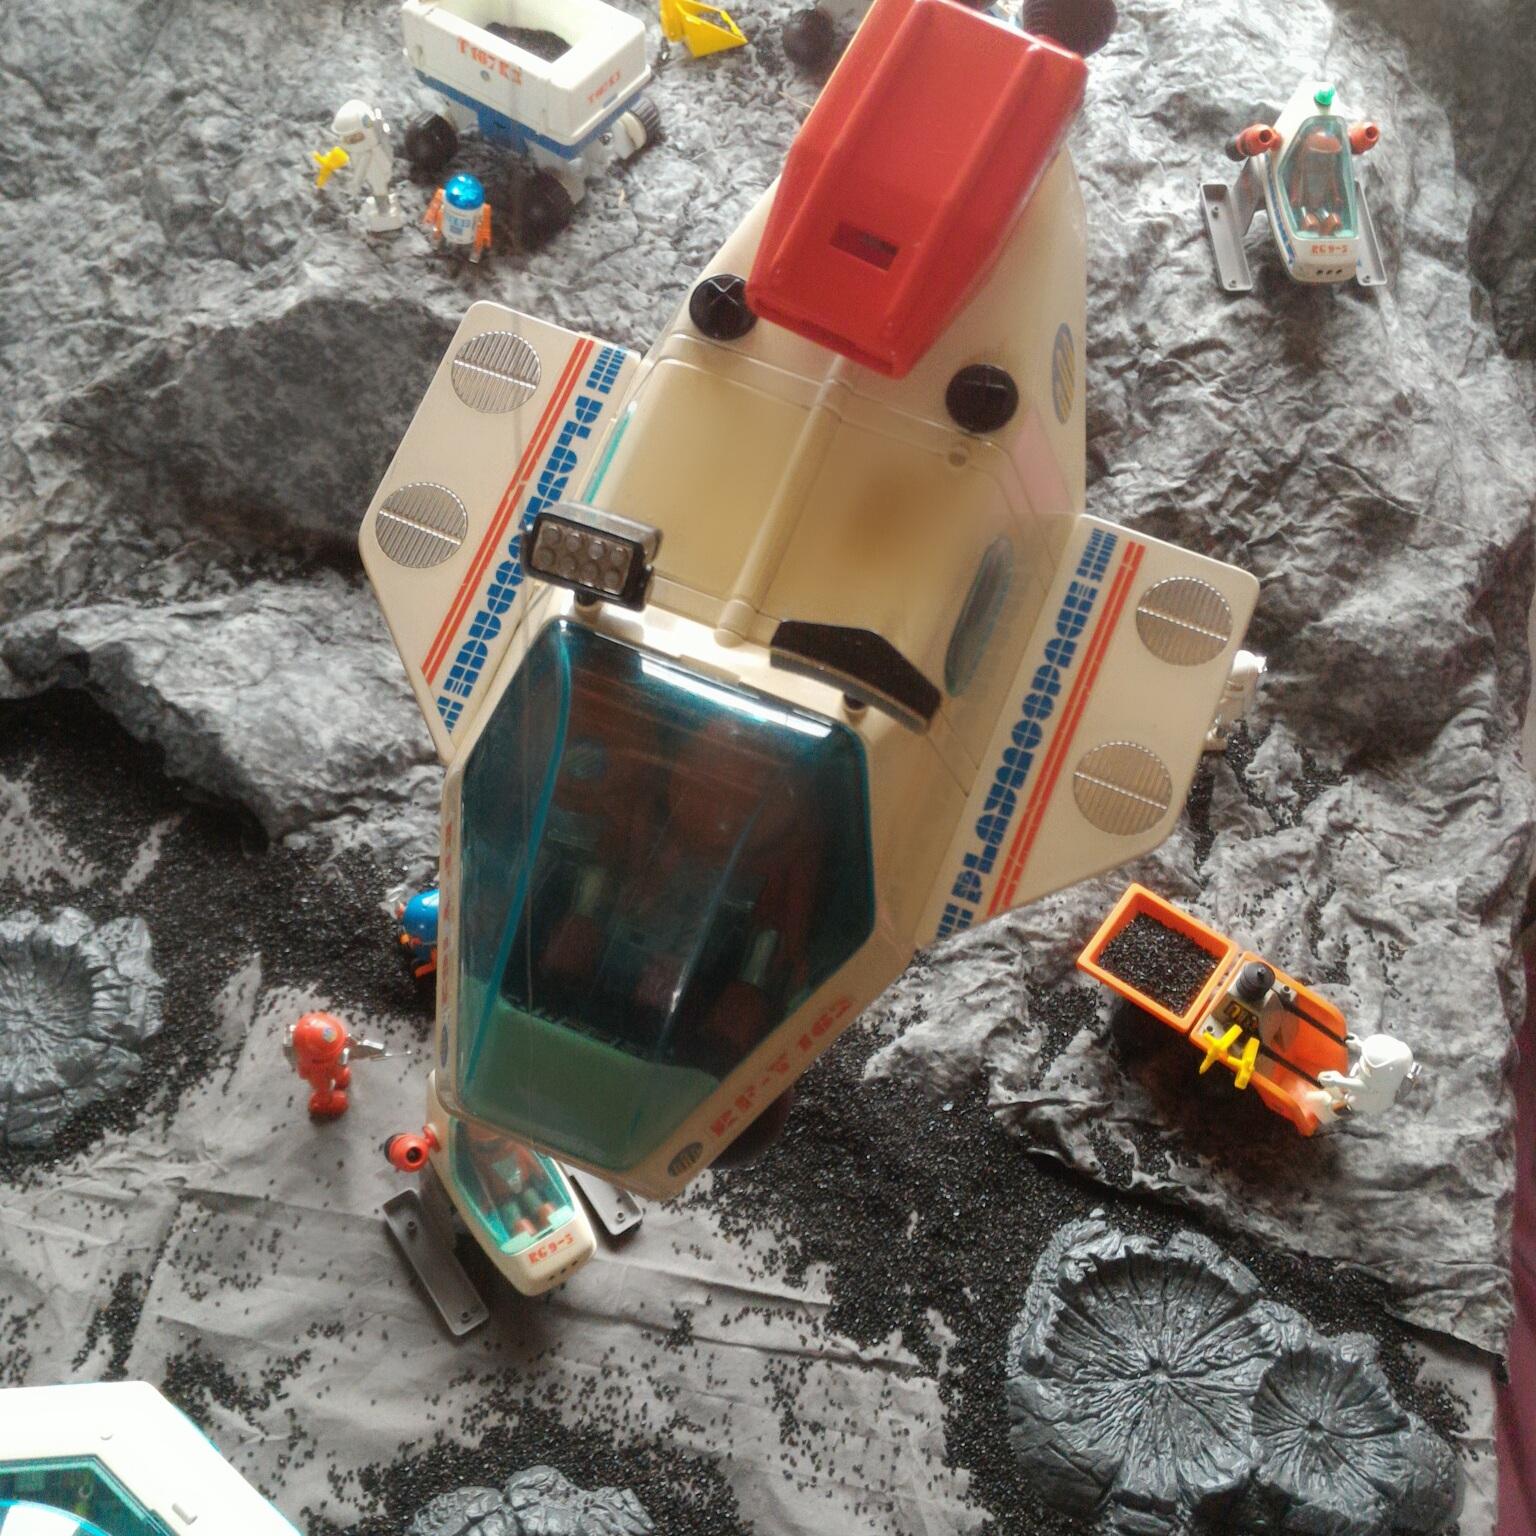 Les Playmospace de chez Playmobil, lancés dans les années 80